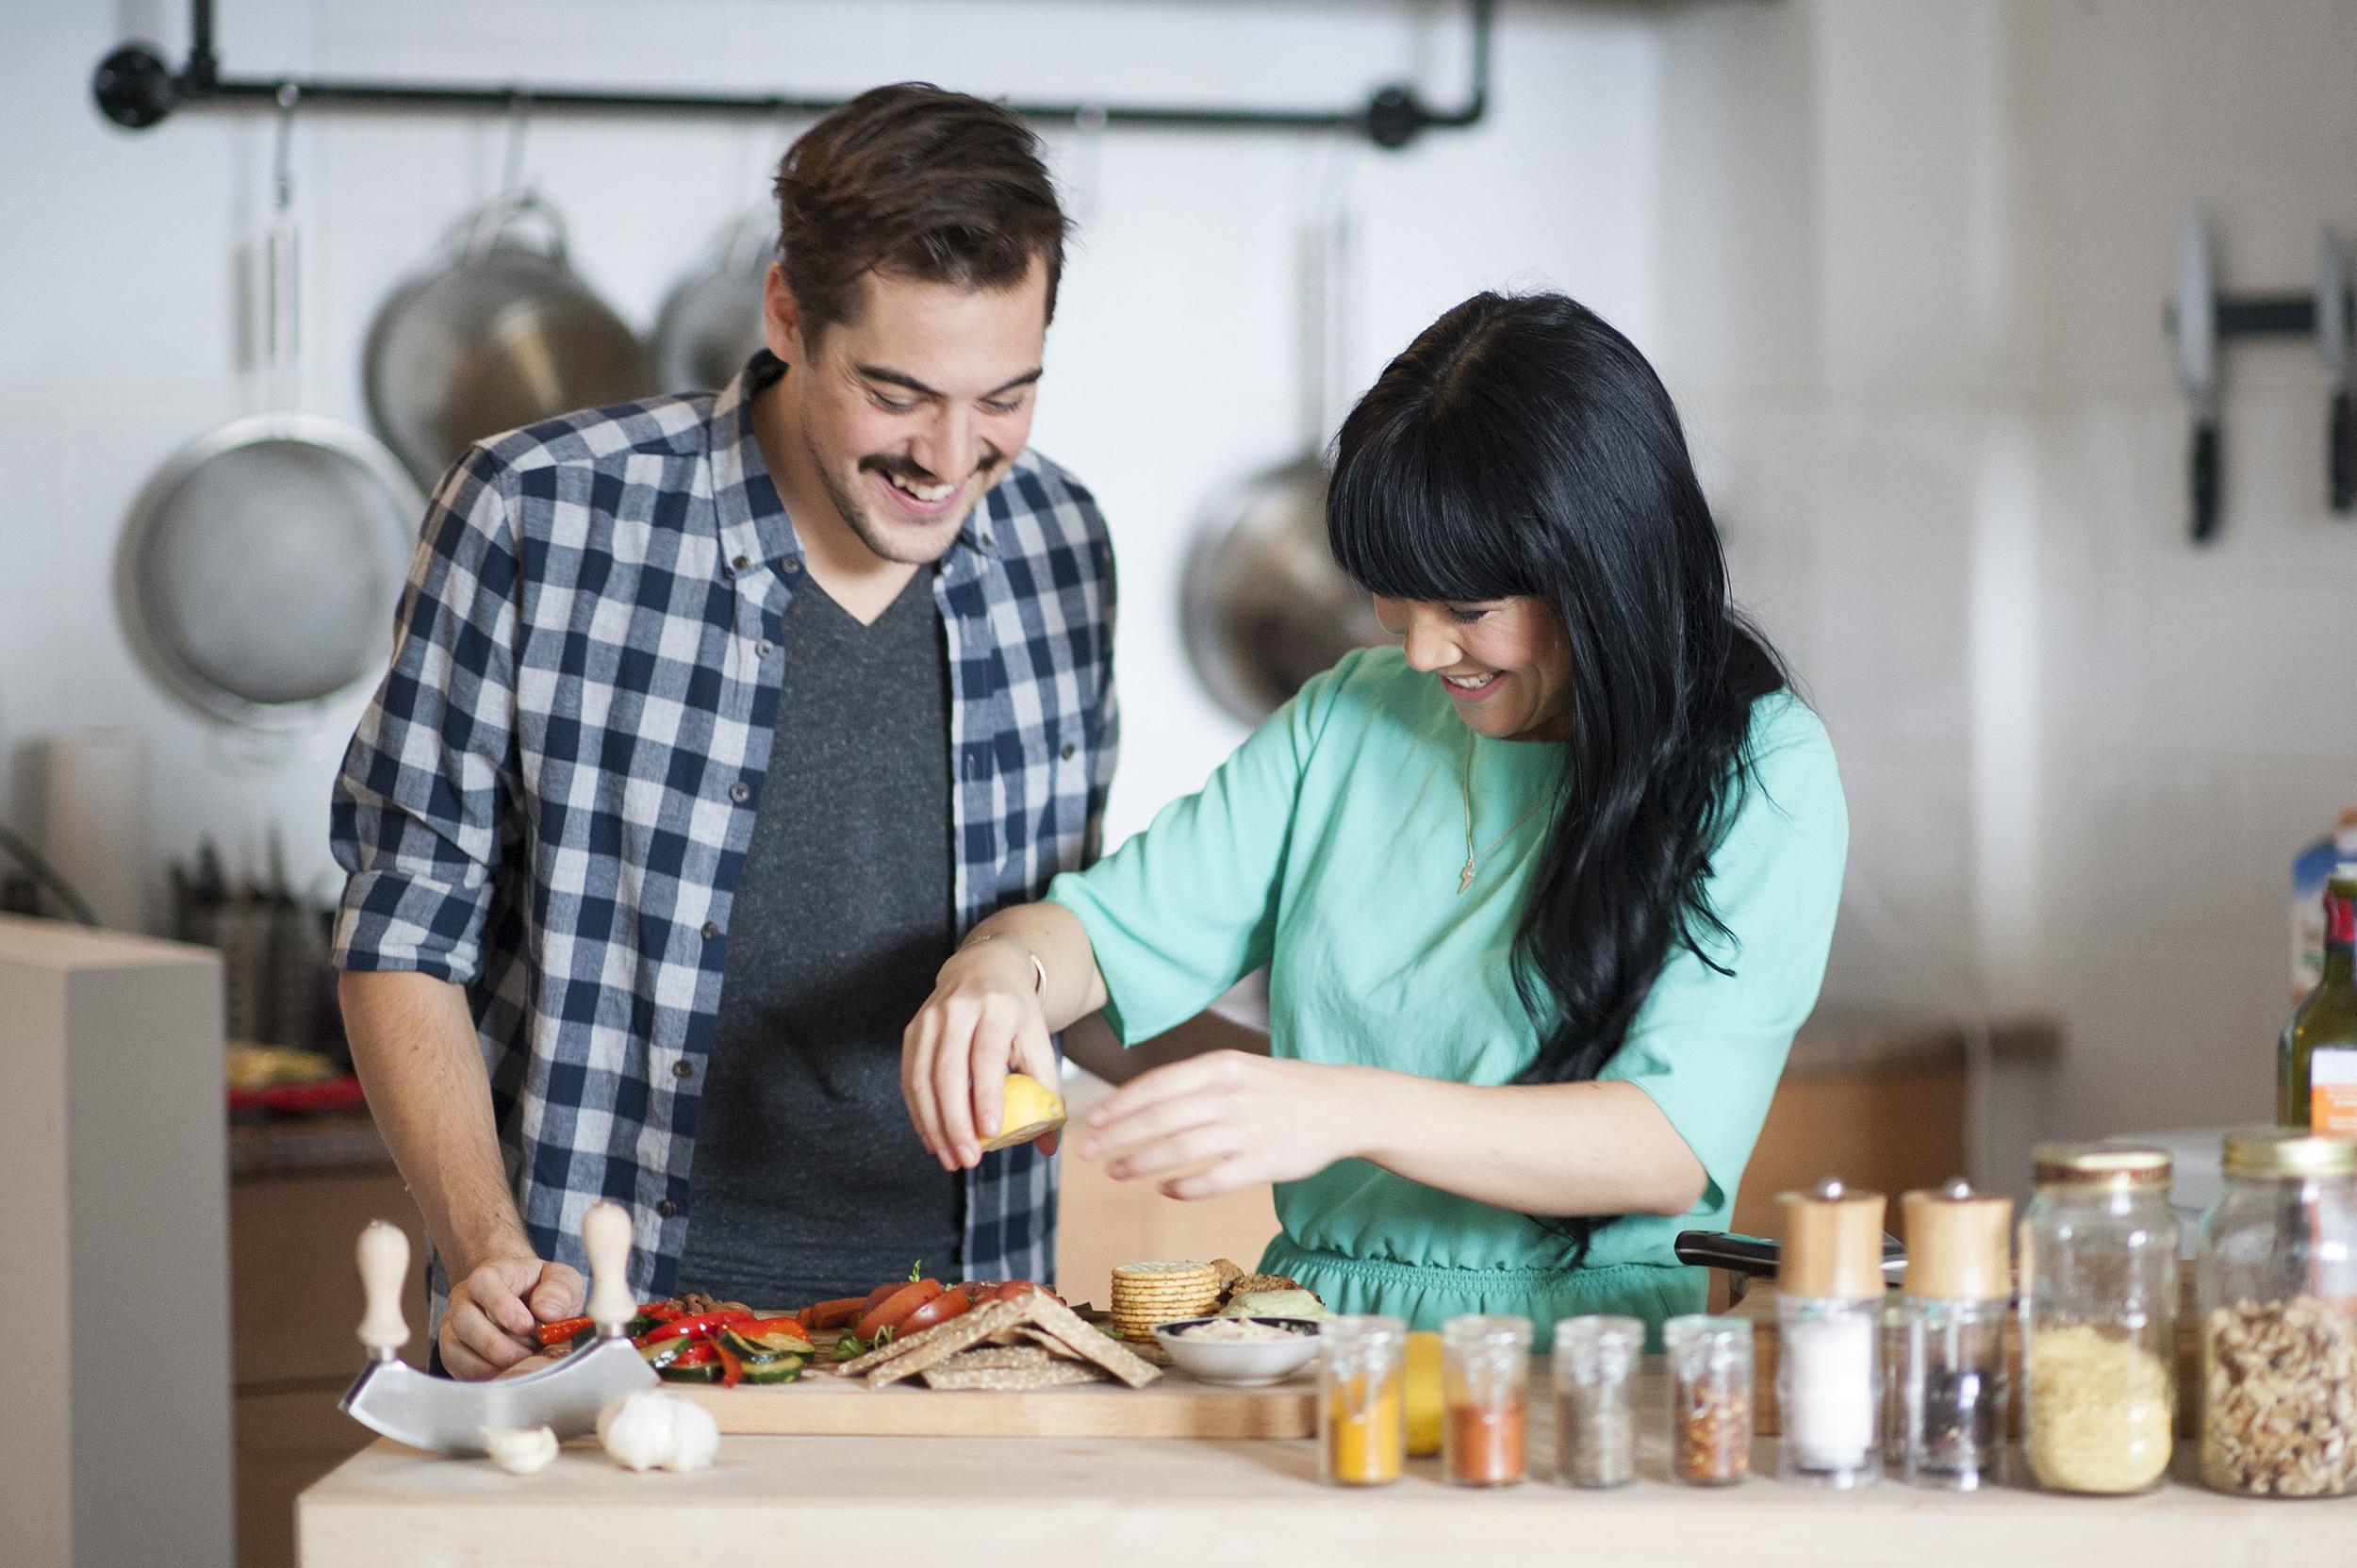 Lauren Toyota and John Diemer, hot for food blog